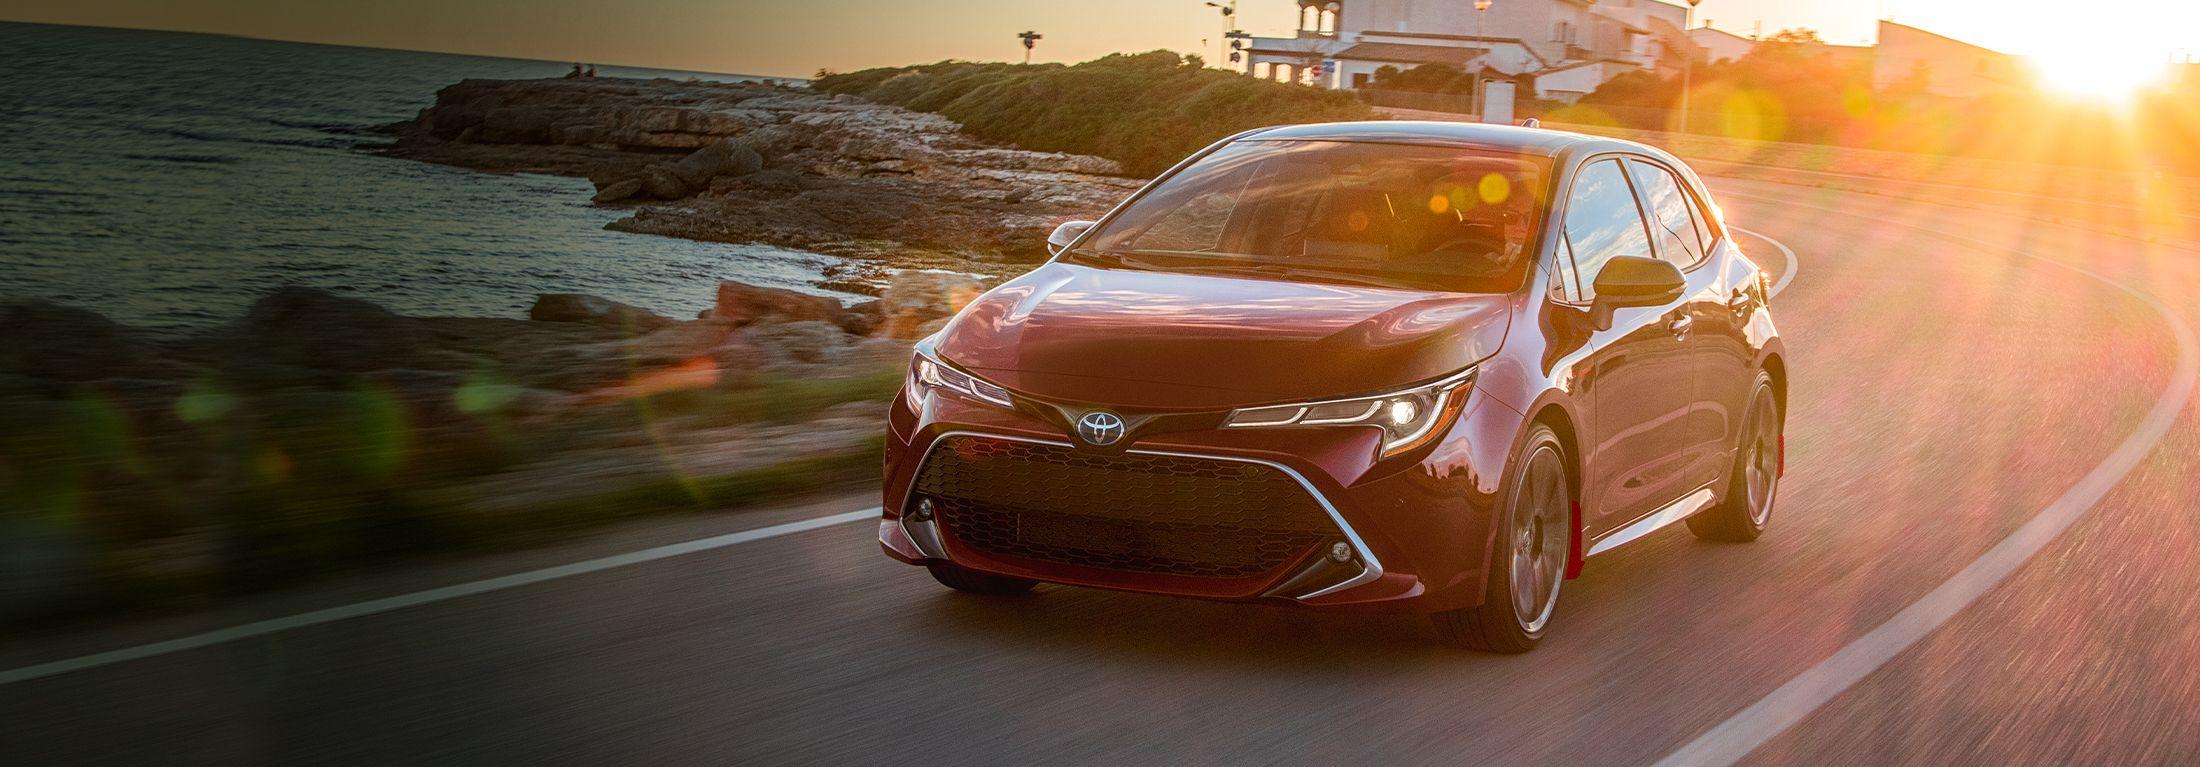 2022 Corolla Hatchback